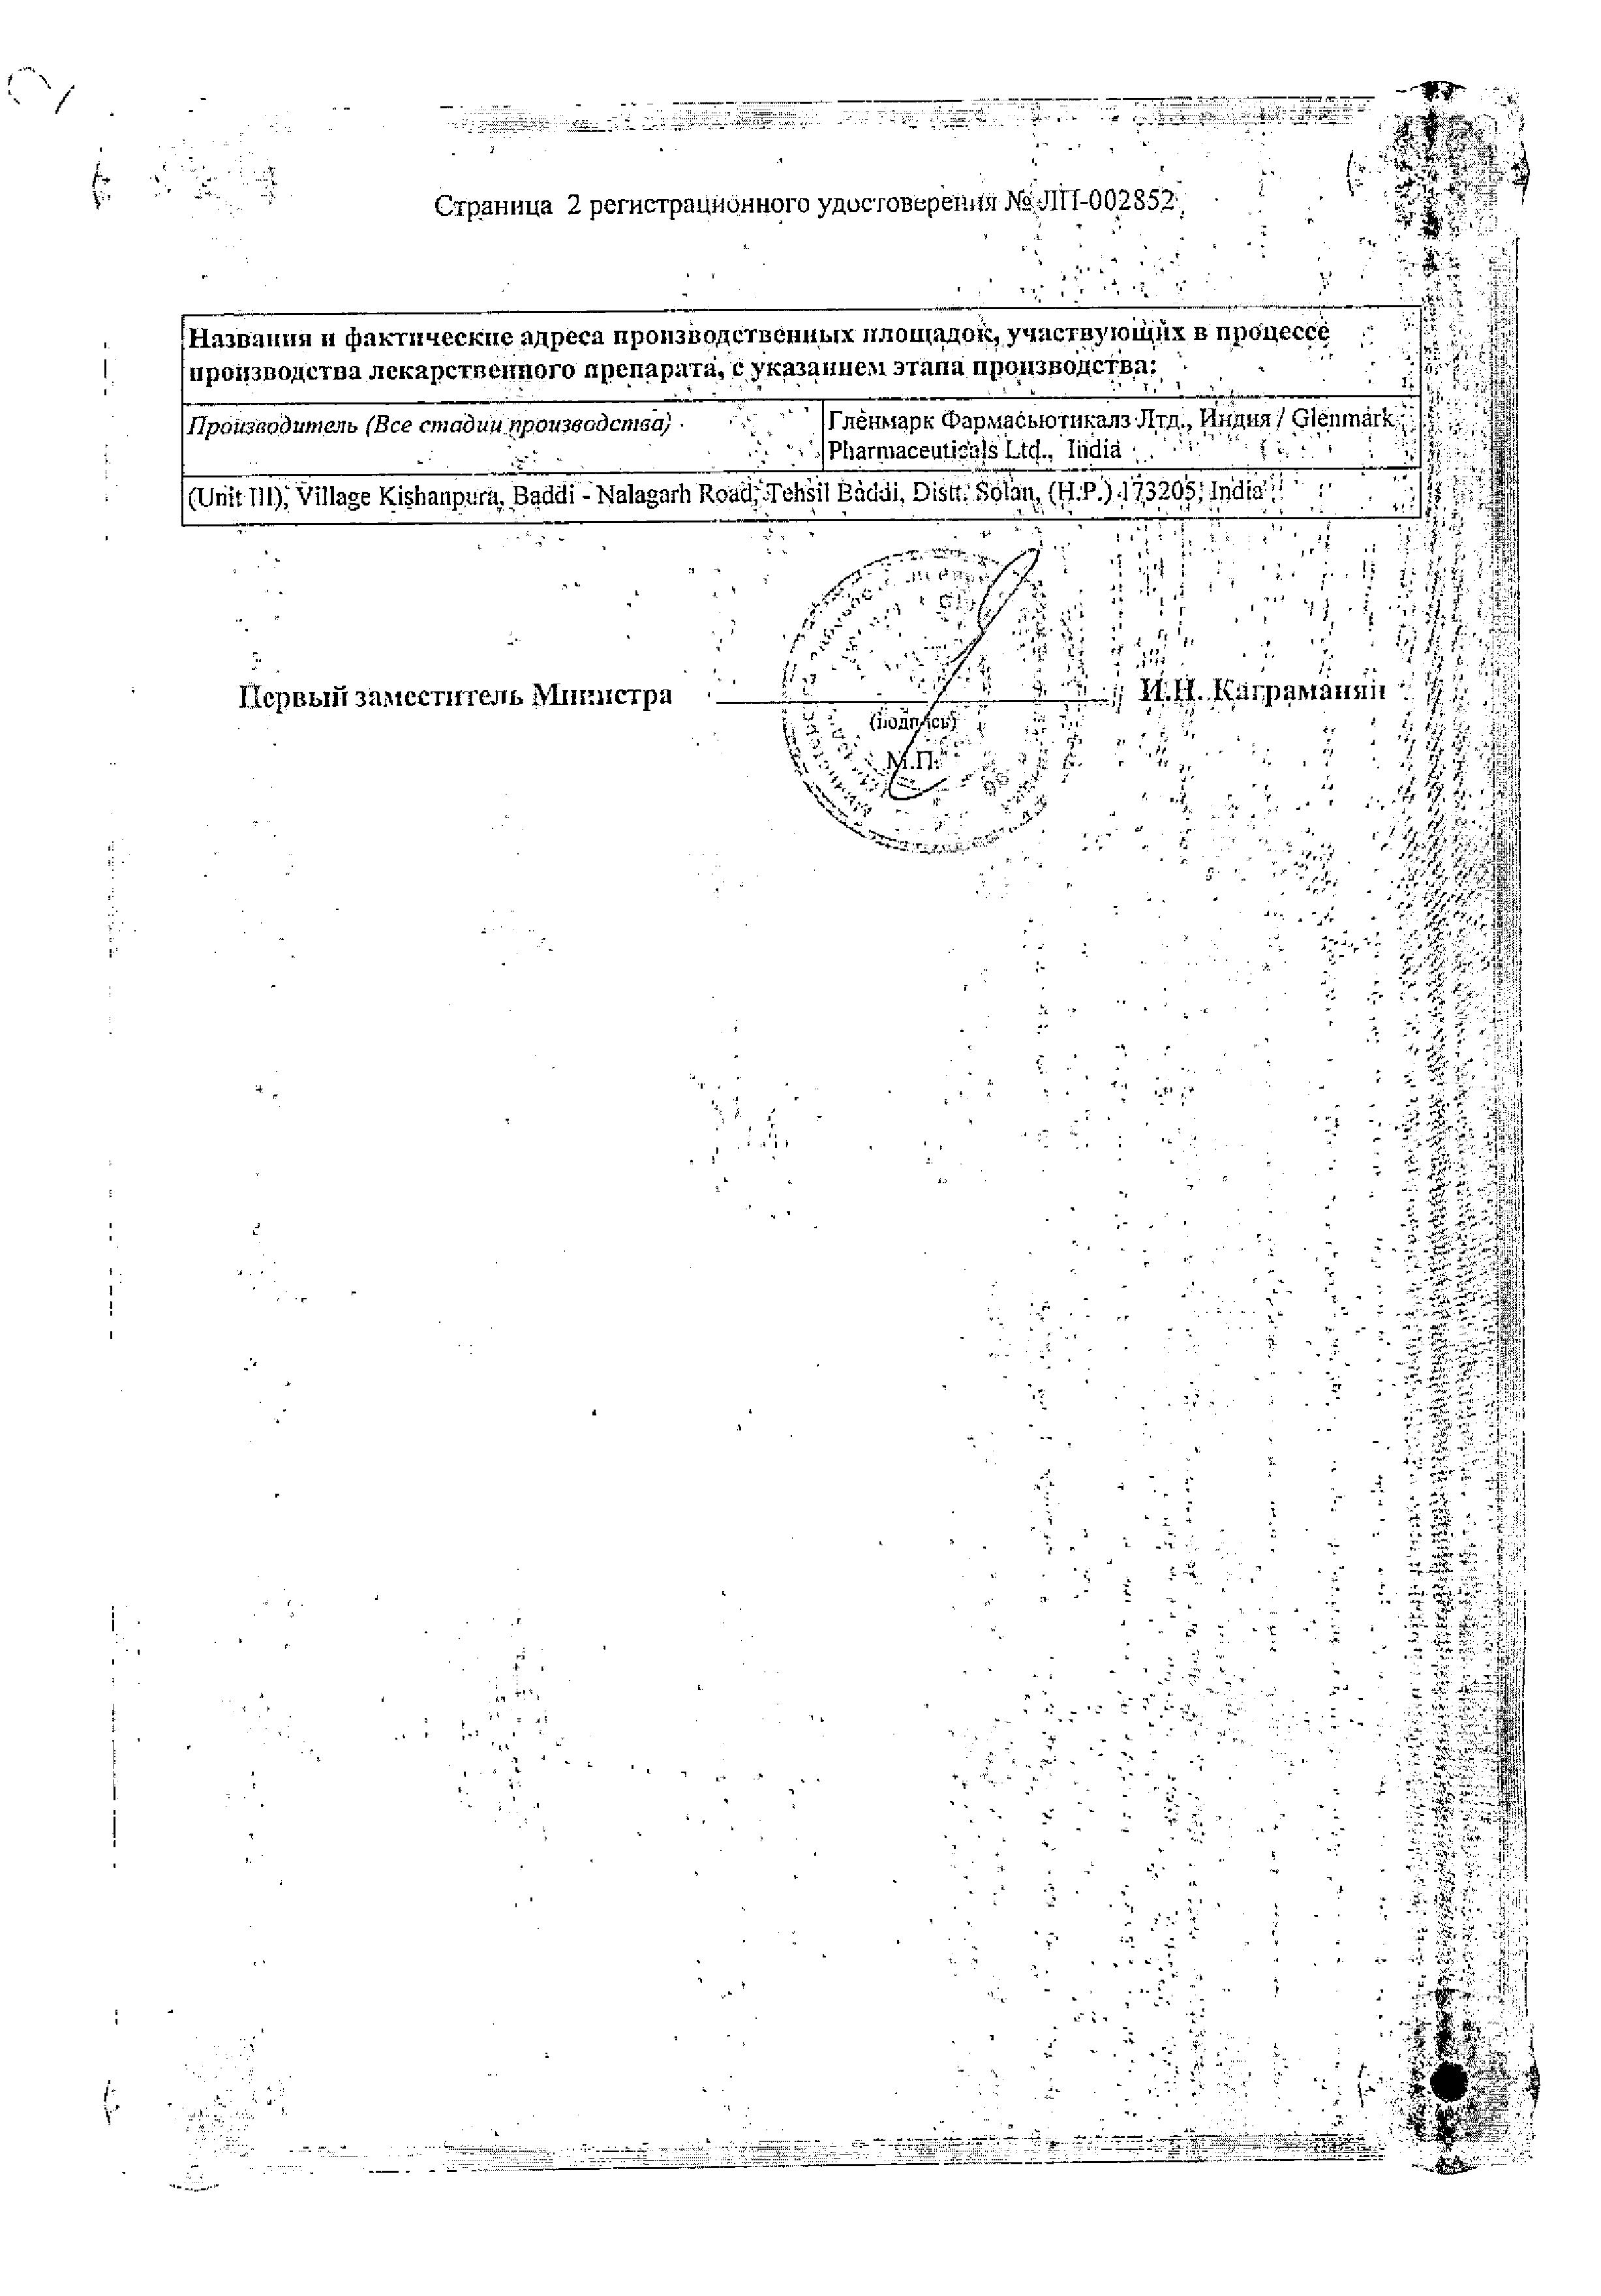 Сальмекорт сертификат